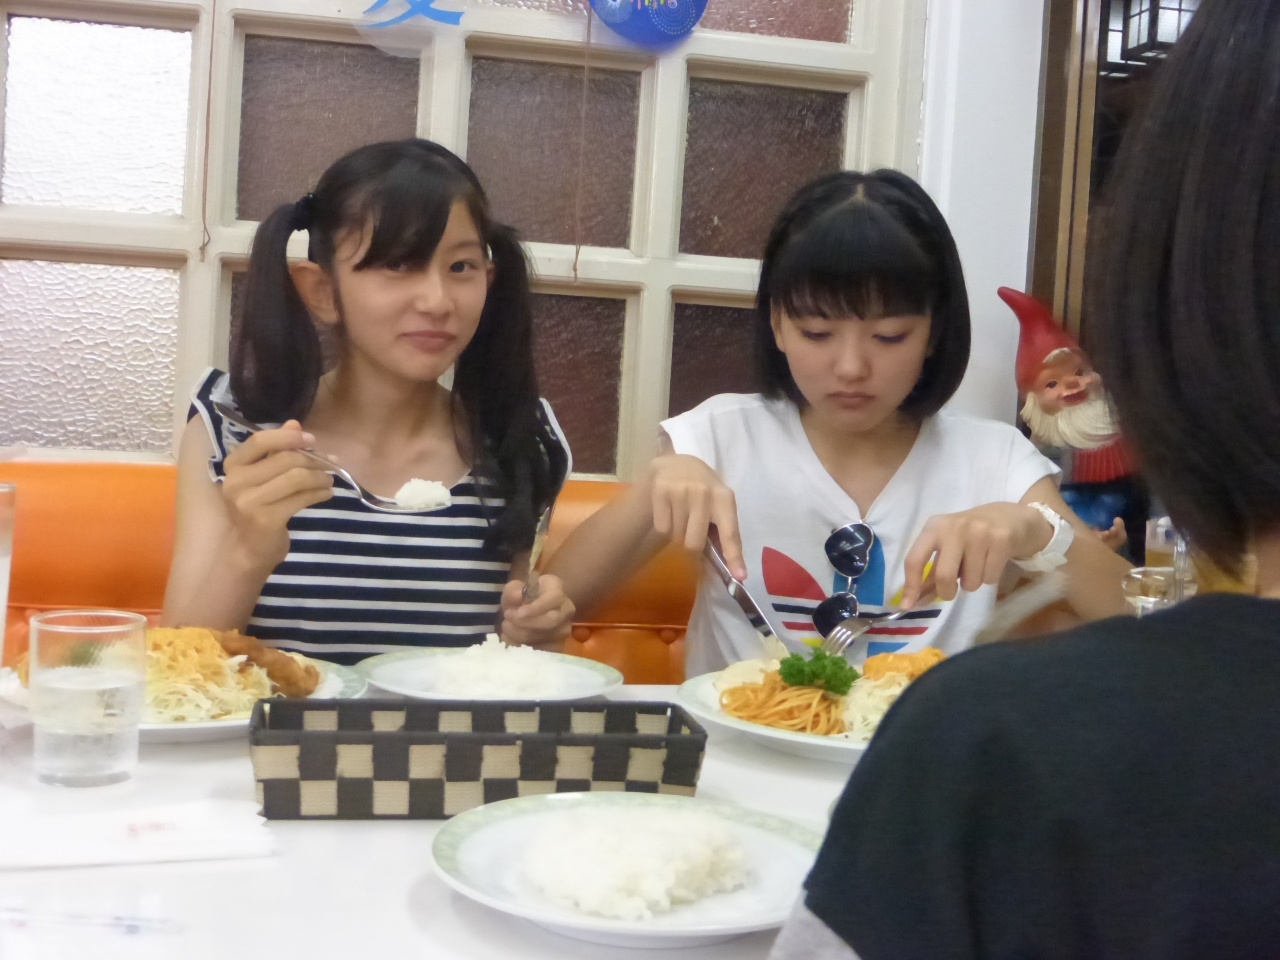 (瀬)ねえ、なんか撮られとるよ。(上)気にせんで食べよ!(さくら/理子)